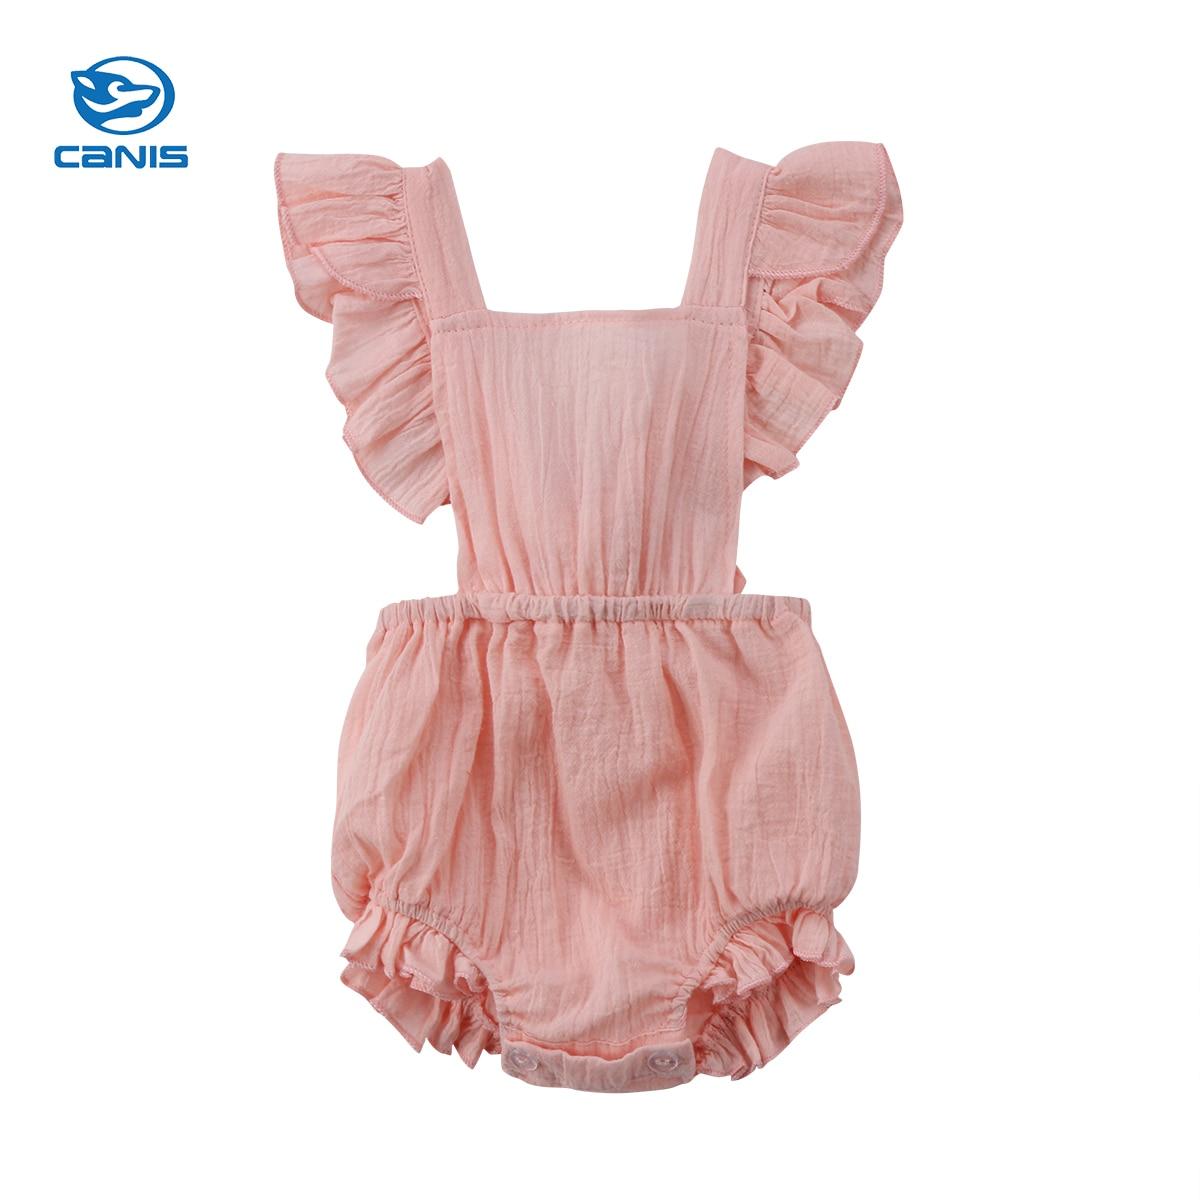 2018 new Newborn Baby Girls Infant   Romper   Jumpsuit Cotton Clothes Sunsuit Outfit